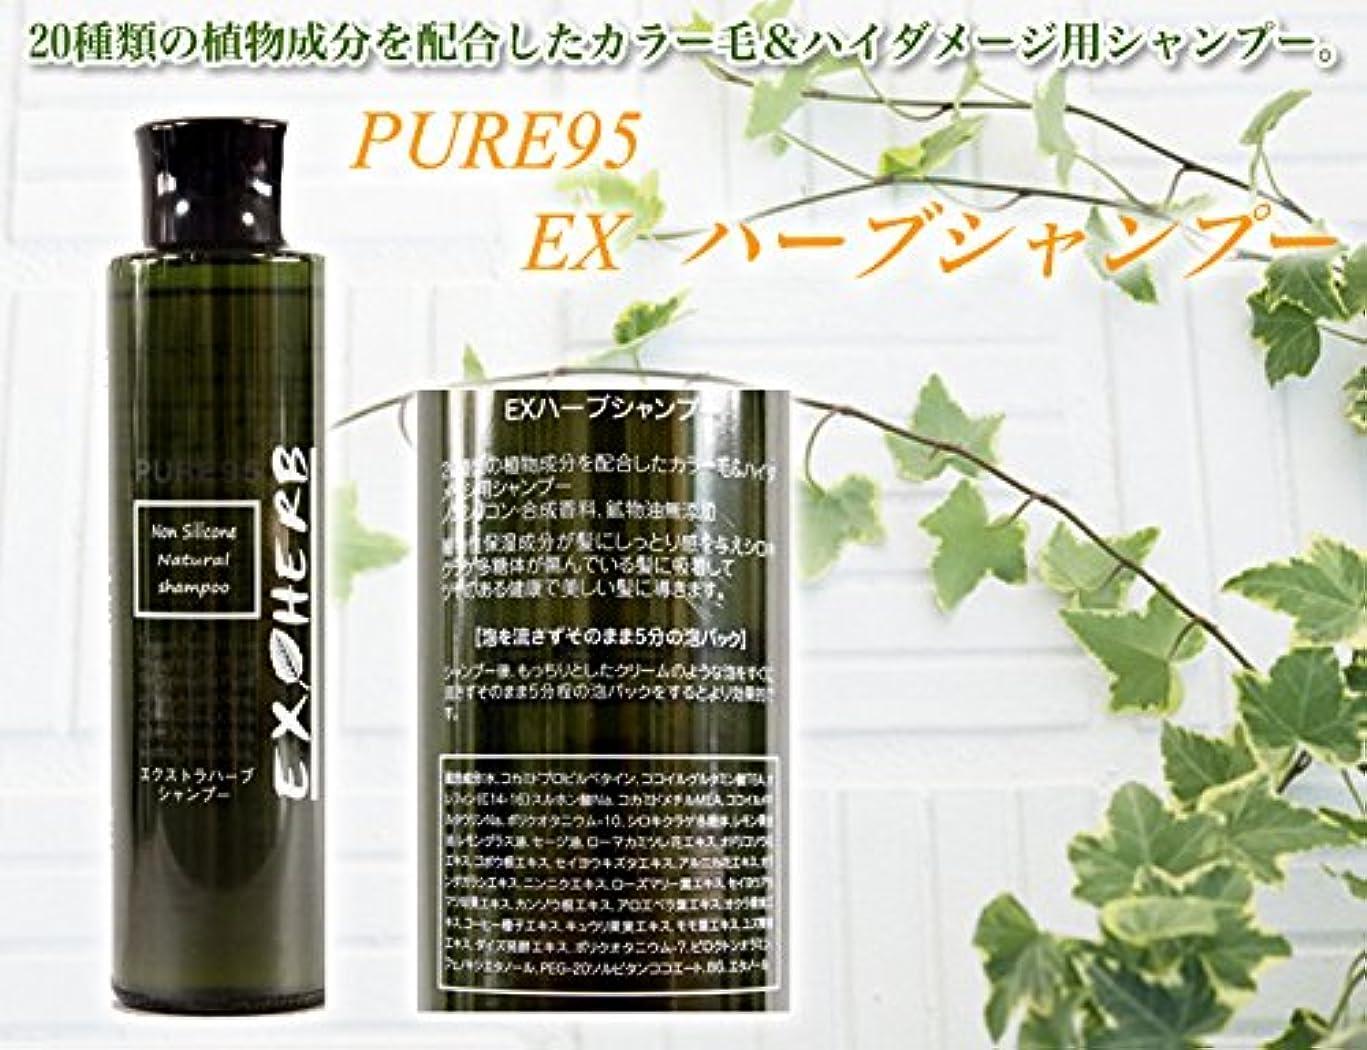 予約オーロックベルPURE95(ピュア95) エクストラハーブシャンプー 200ml